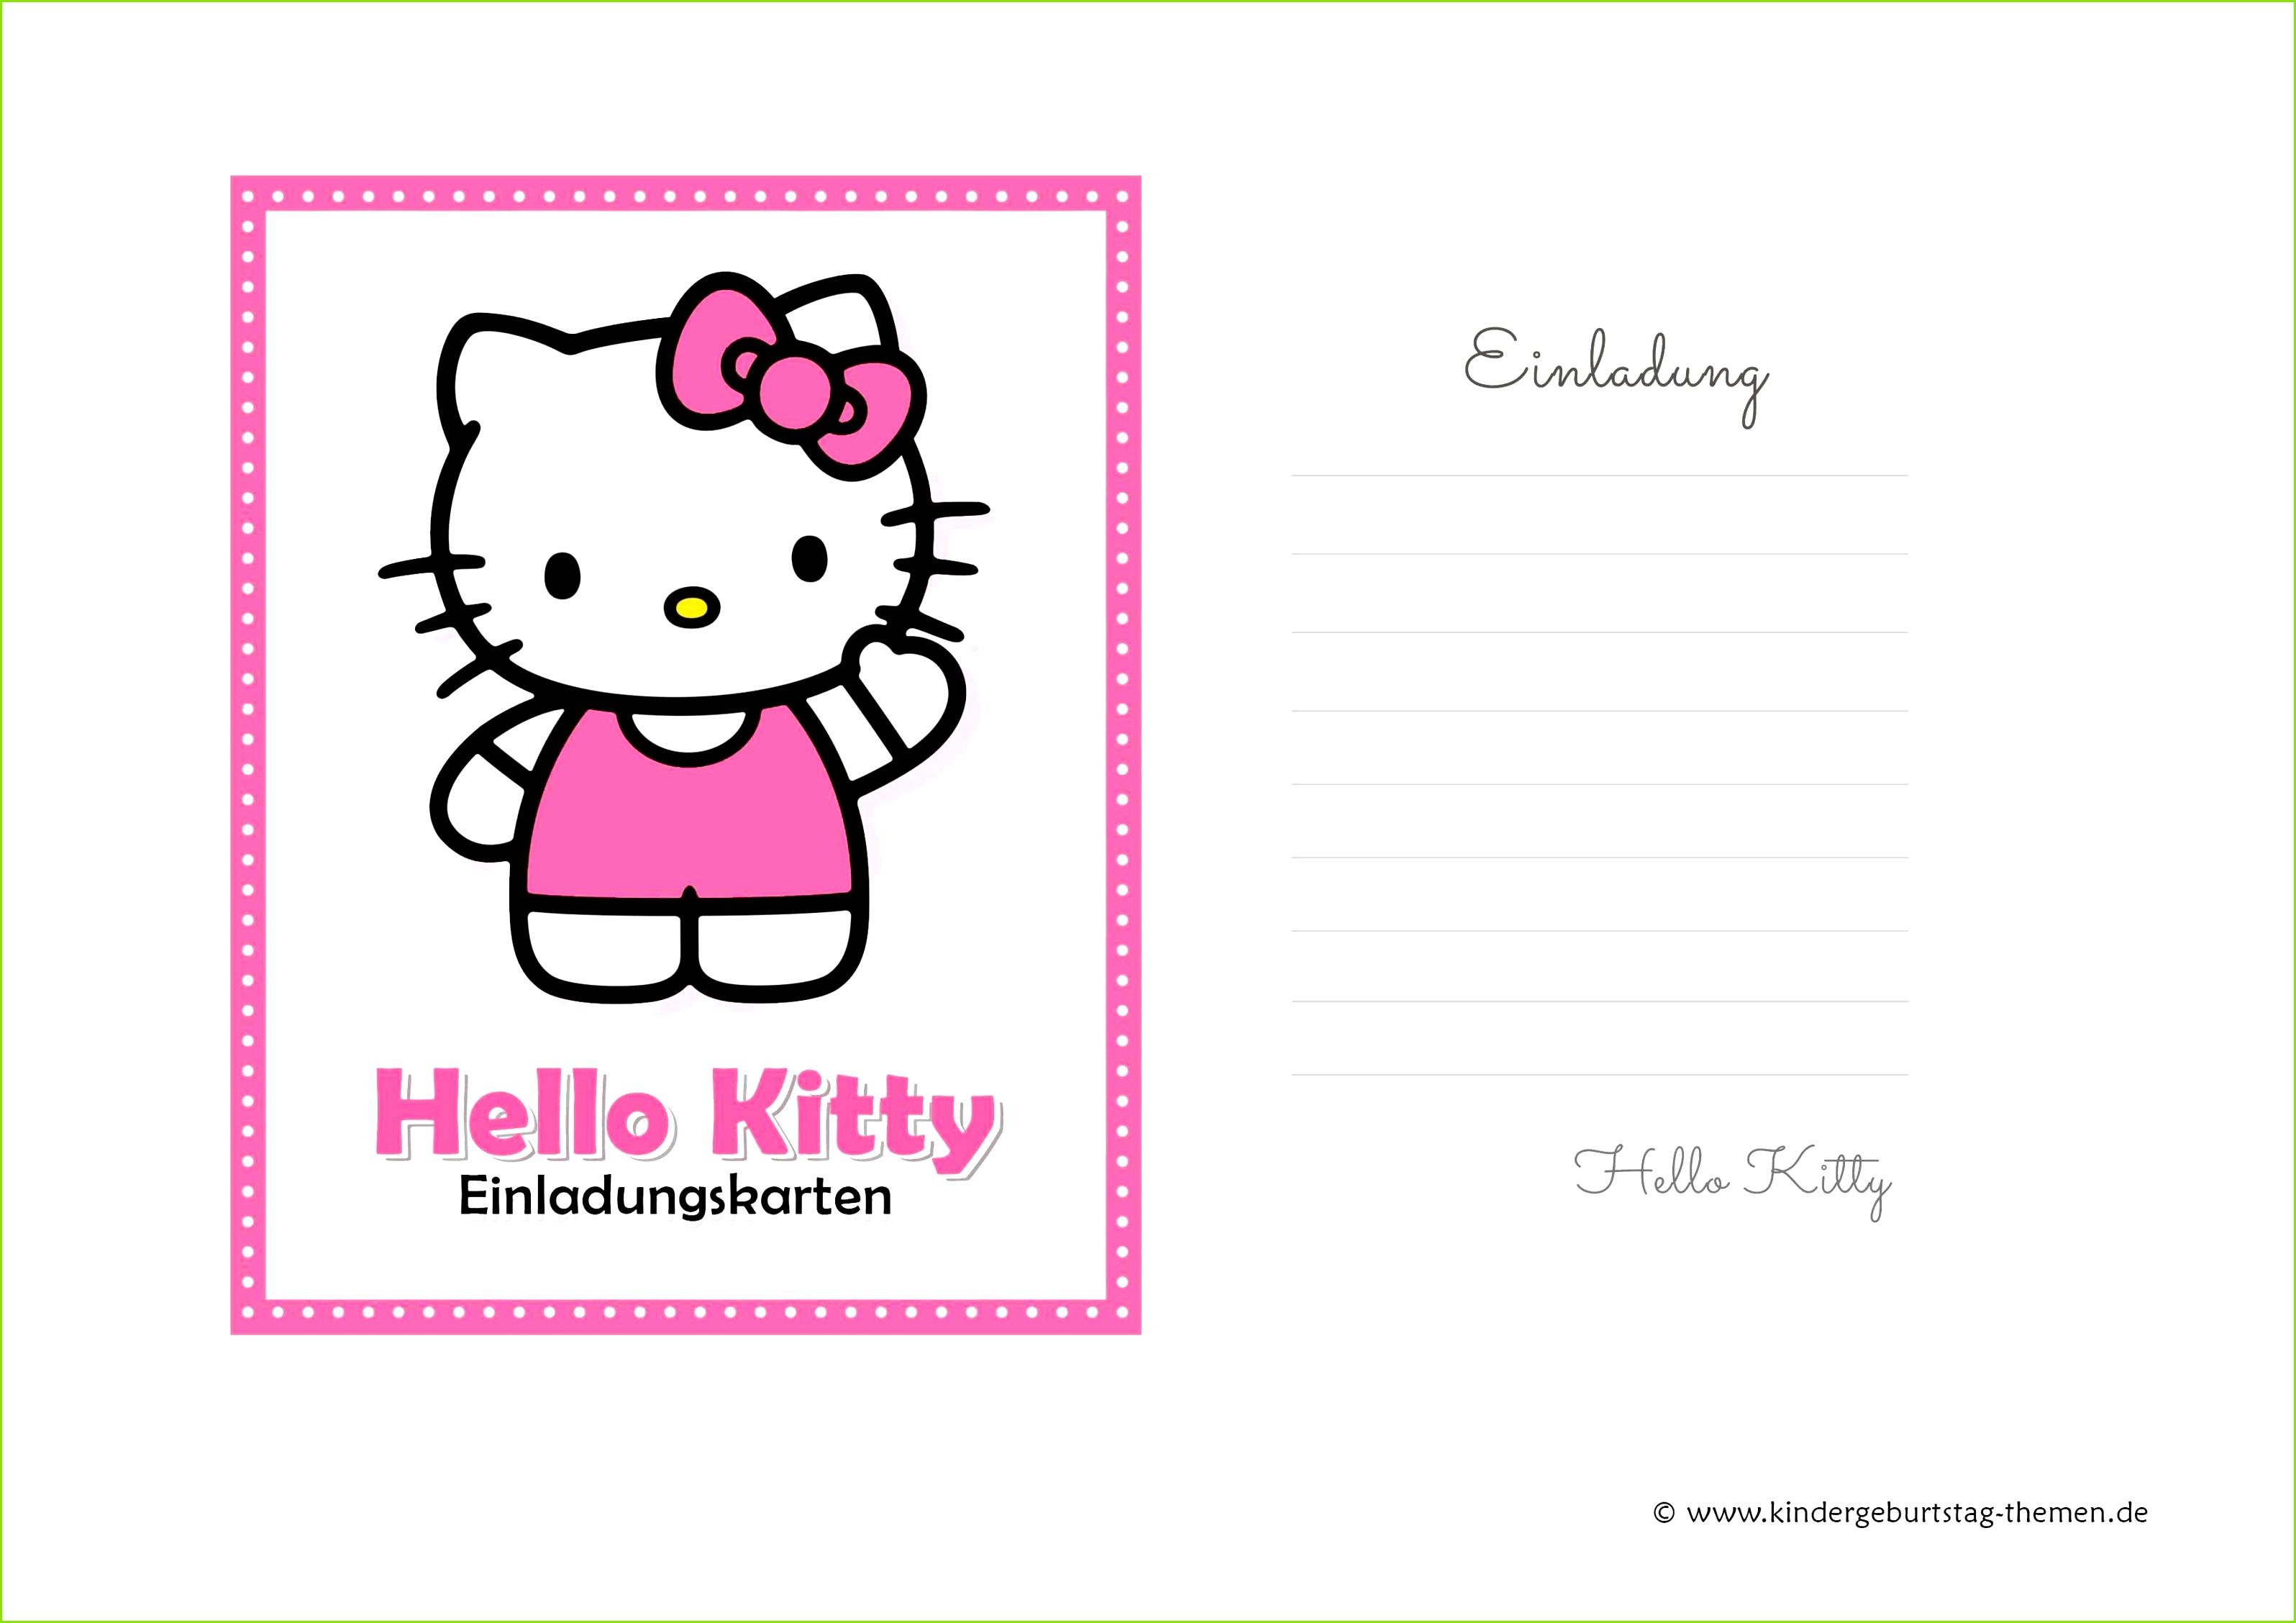 Konfirmation Einladung Vorlage Download Kostenlos Einladungskarten Vorlagen Geburtstag Vorlagen Einladungen 0d Konzept – Philwoolasmp